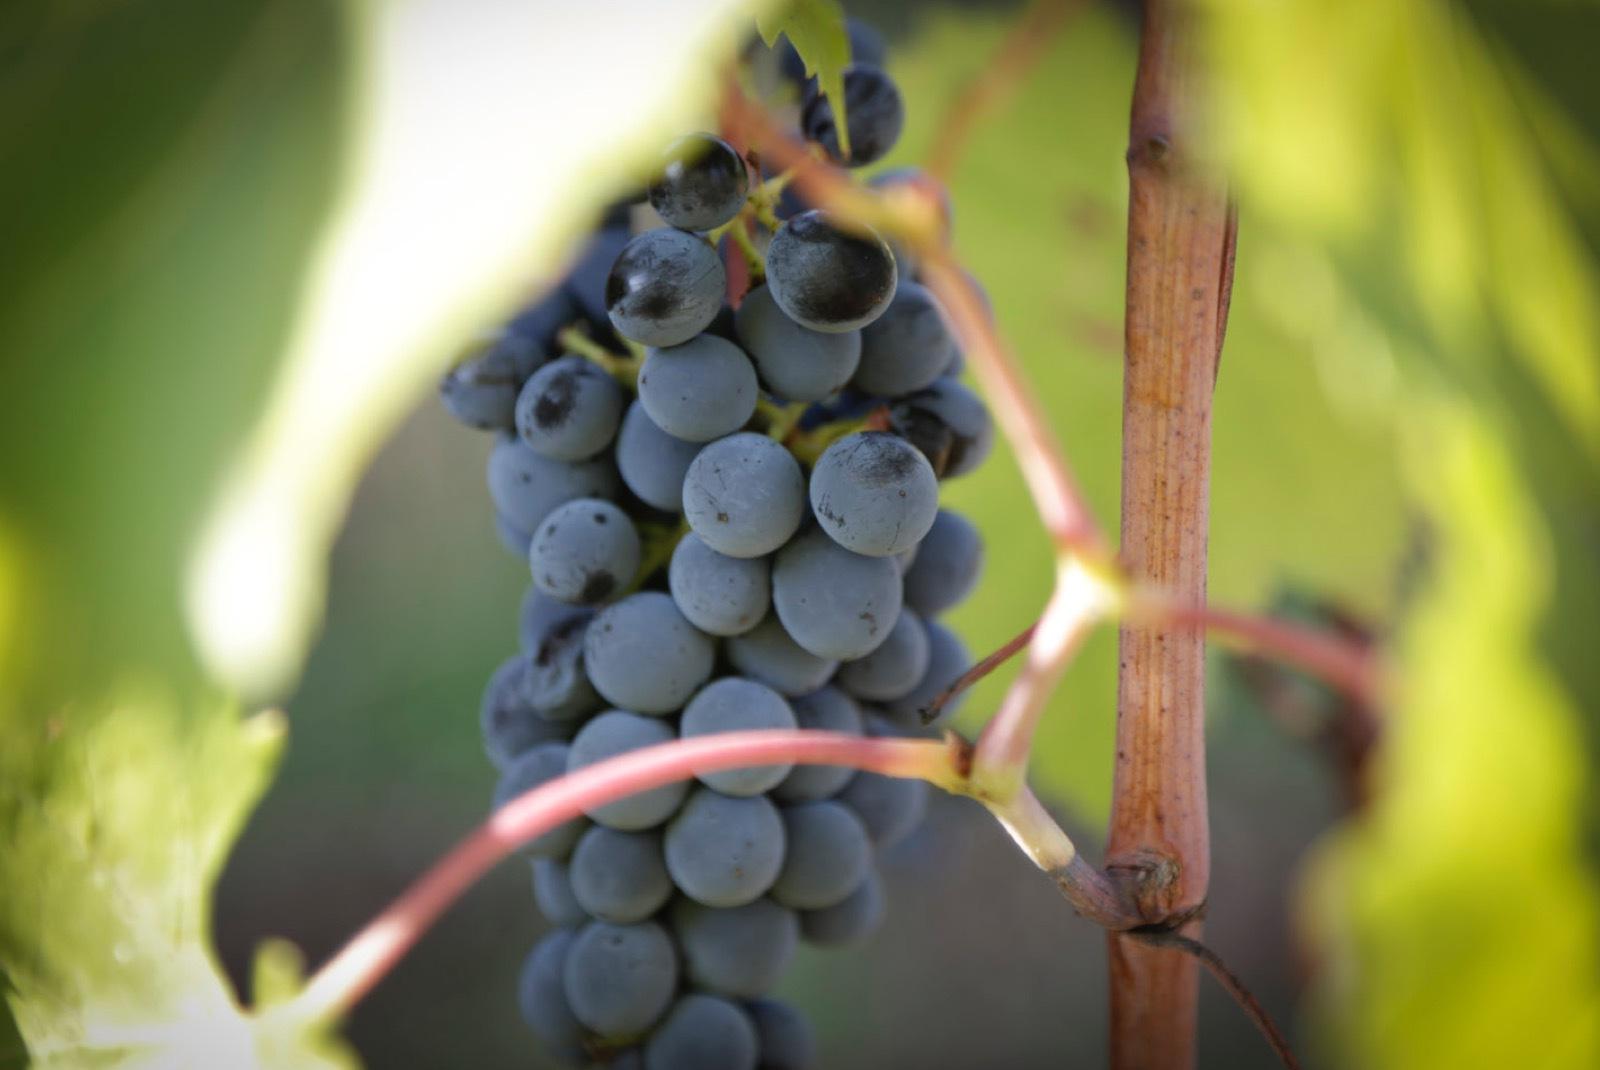 Vindruvor innehåller mycket av polyfenolen resveratrol som i studier visat sig vara antiinflammatoriskt. Foto: Agneta Elmegård